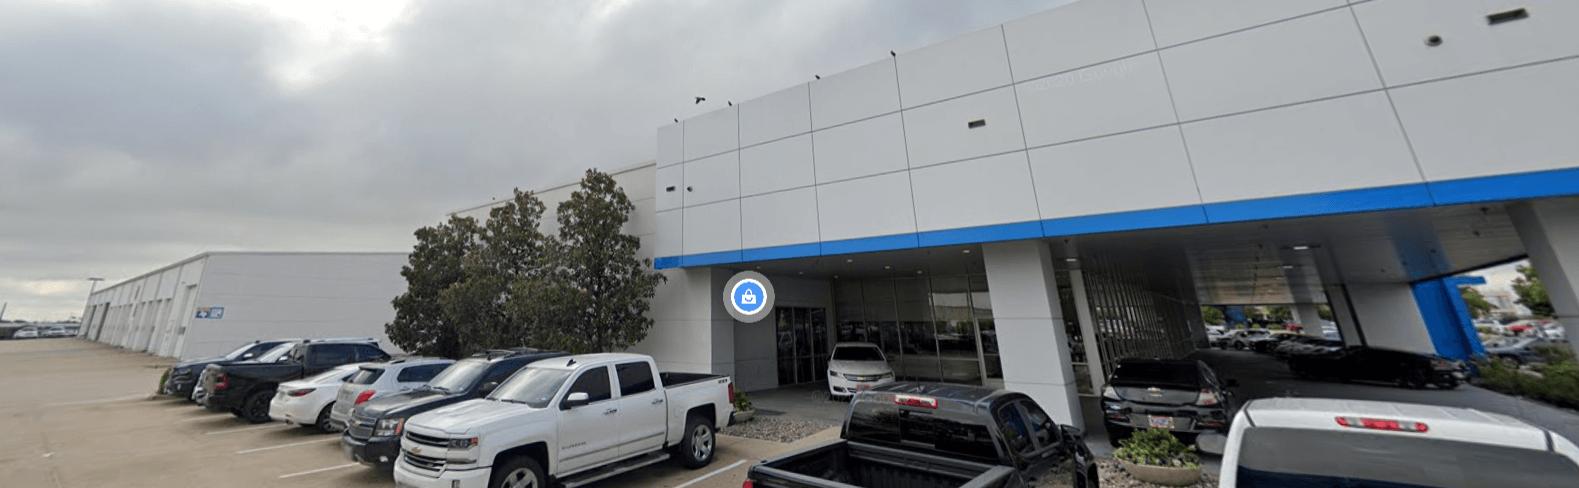 El Dorado Motors Corporate office